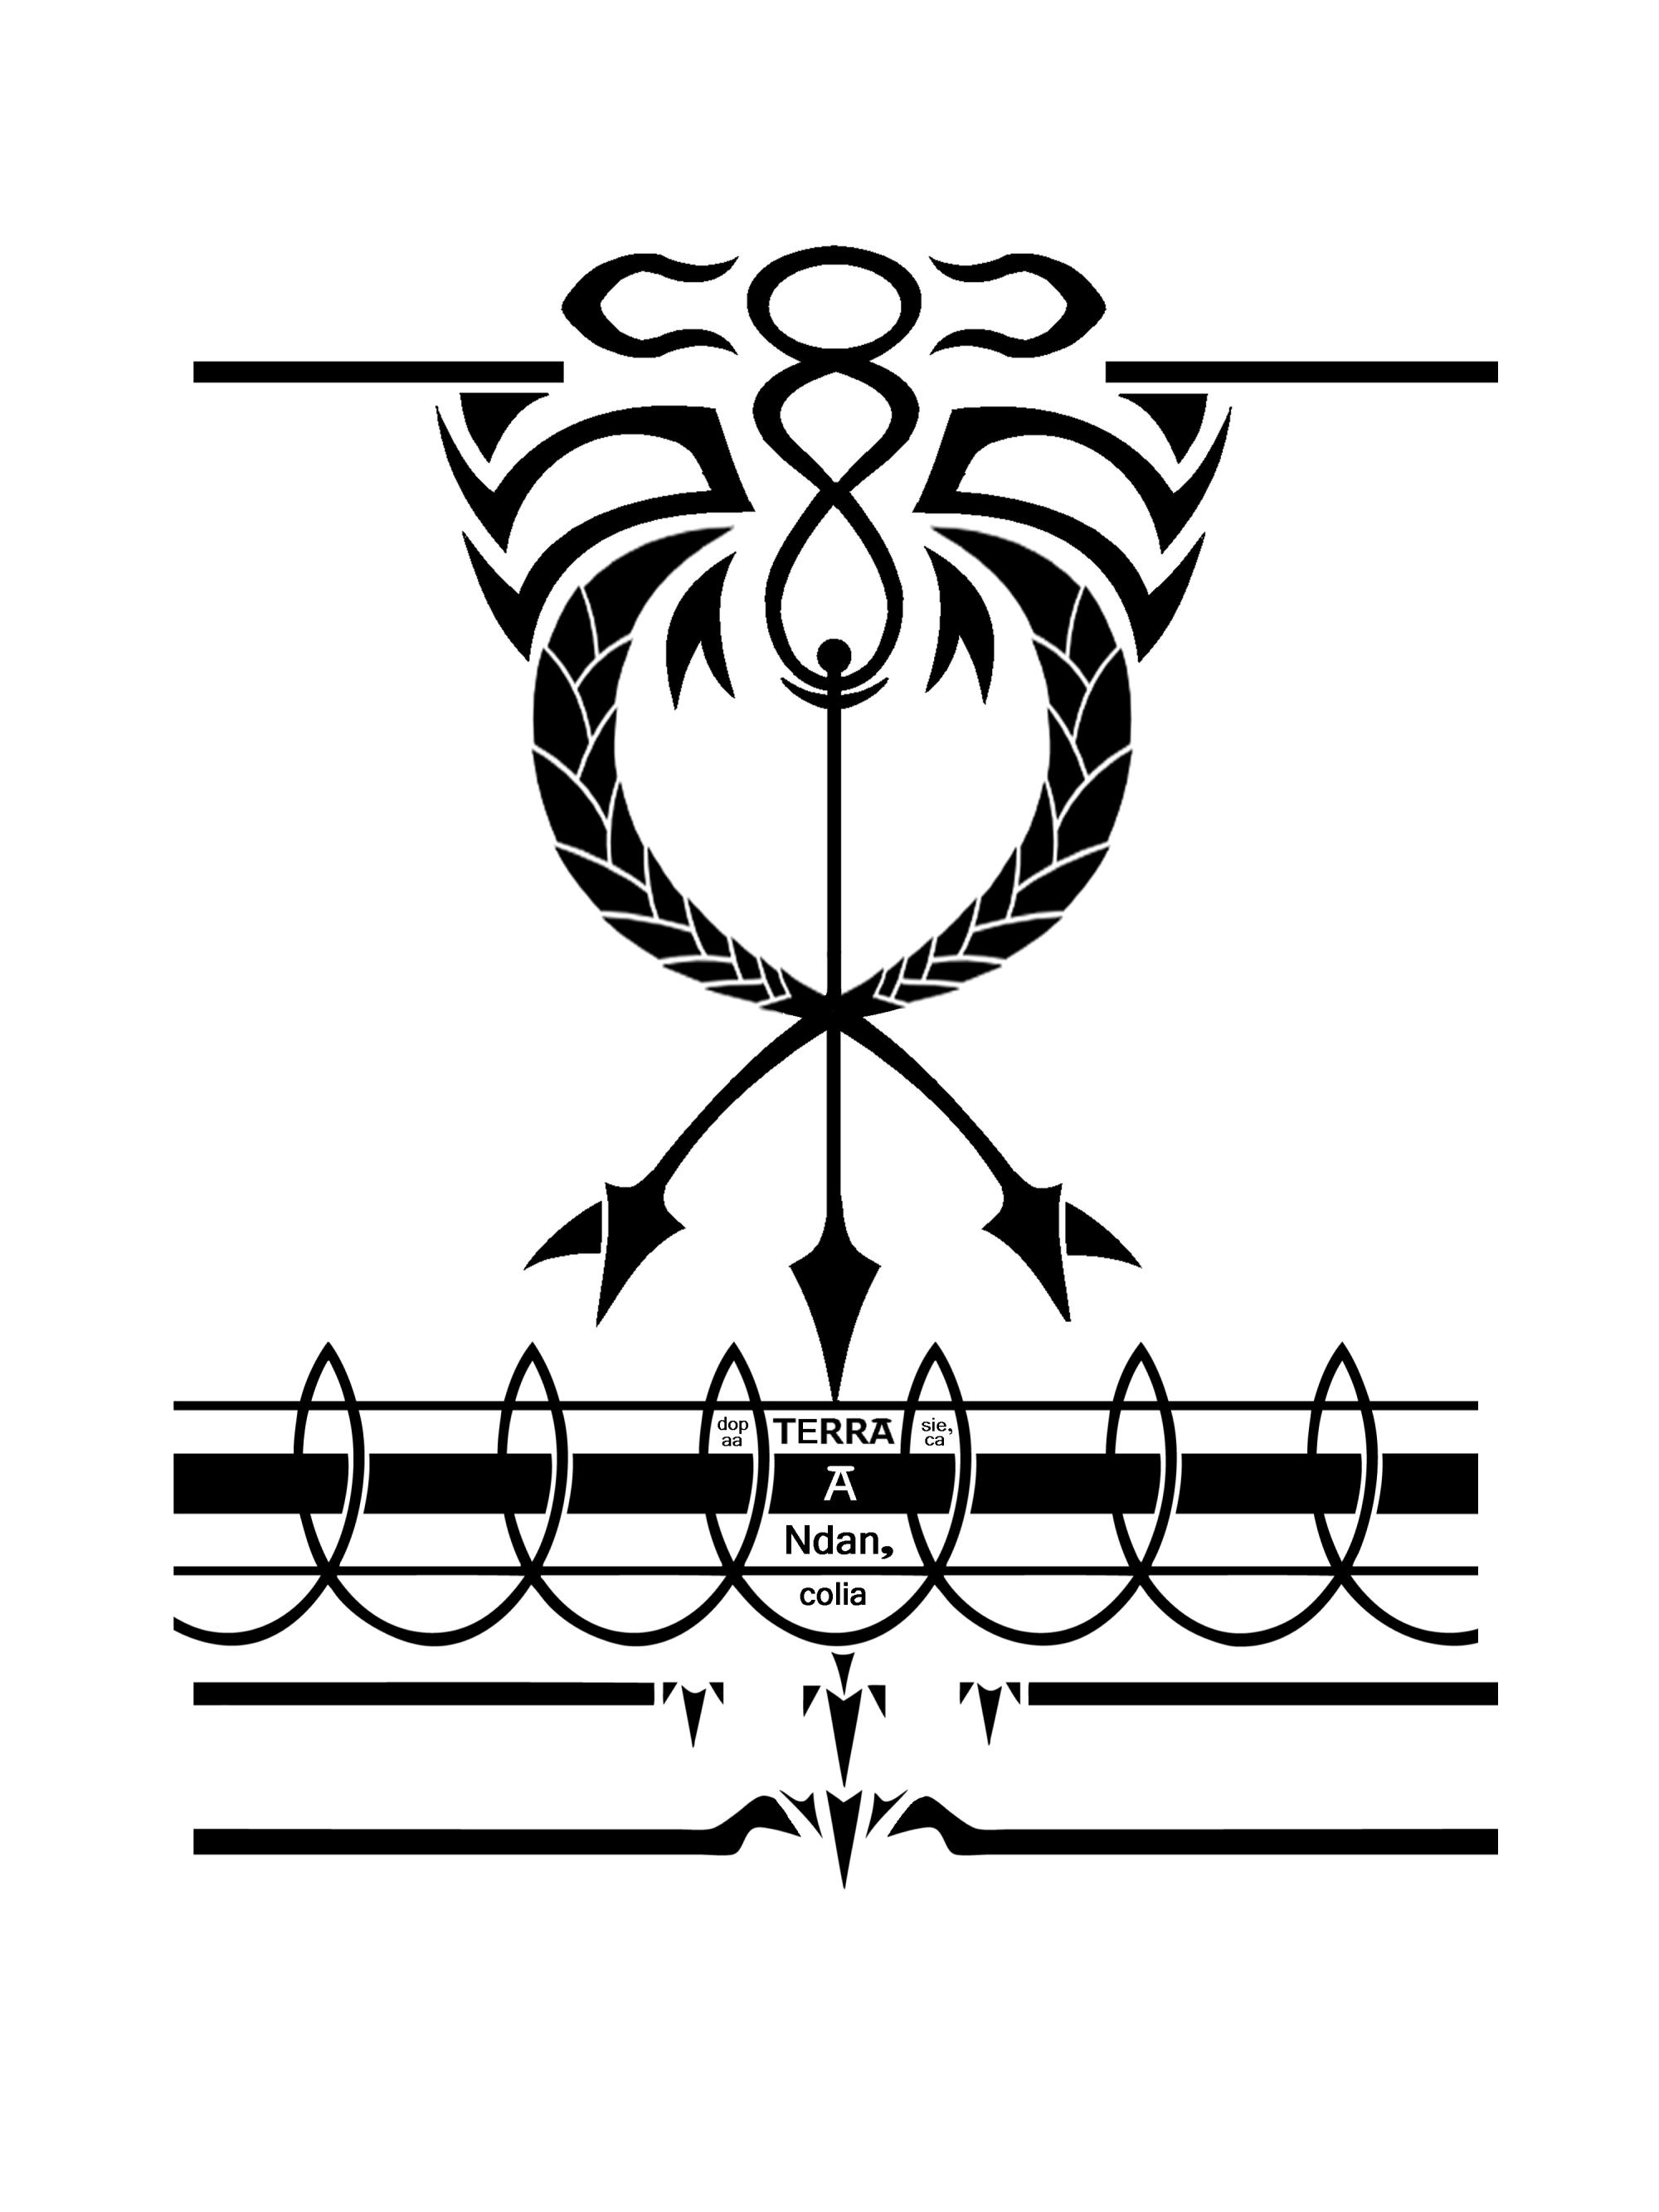 Resultado De Imagem Para Scar Fullmetal Alchemist Tattoo Fullmetal